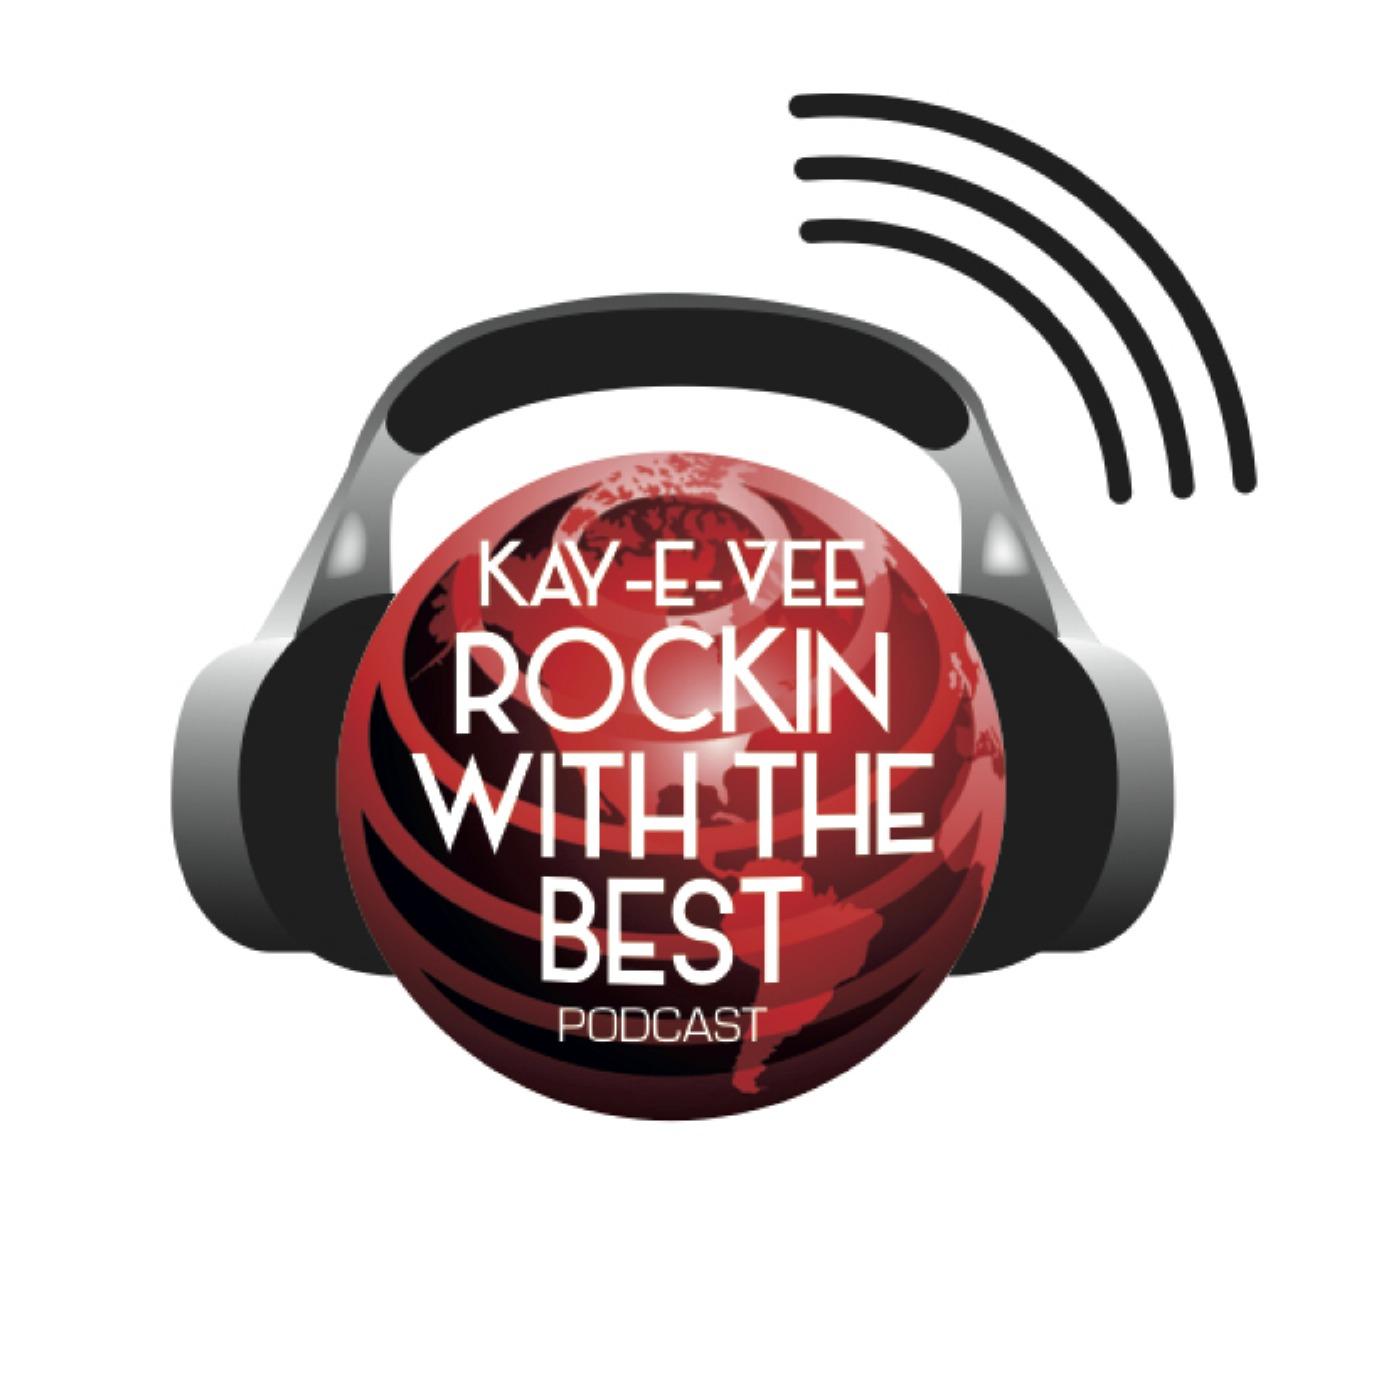 KAY-E-VEE's Podcast